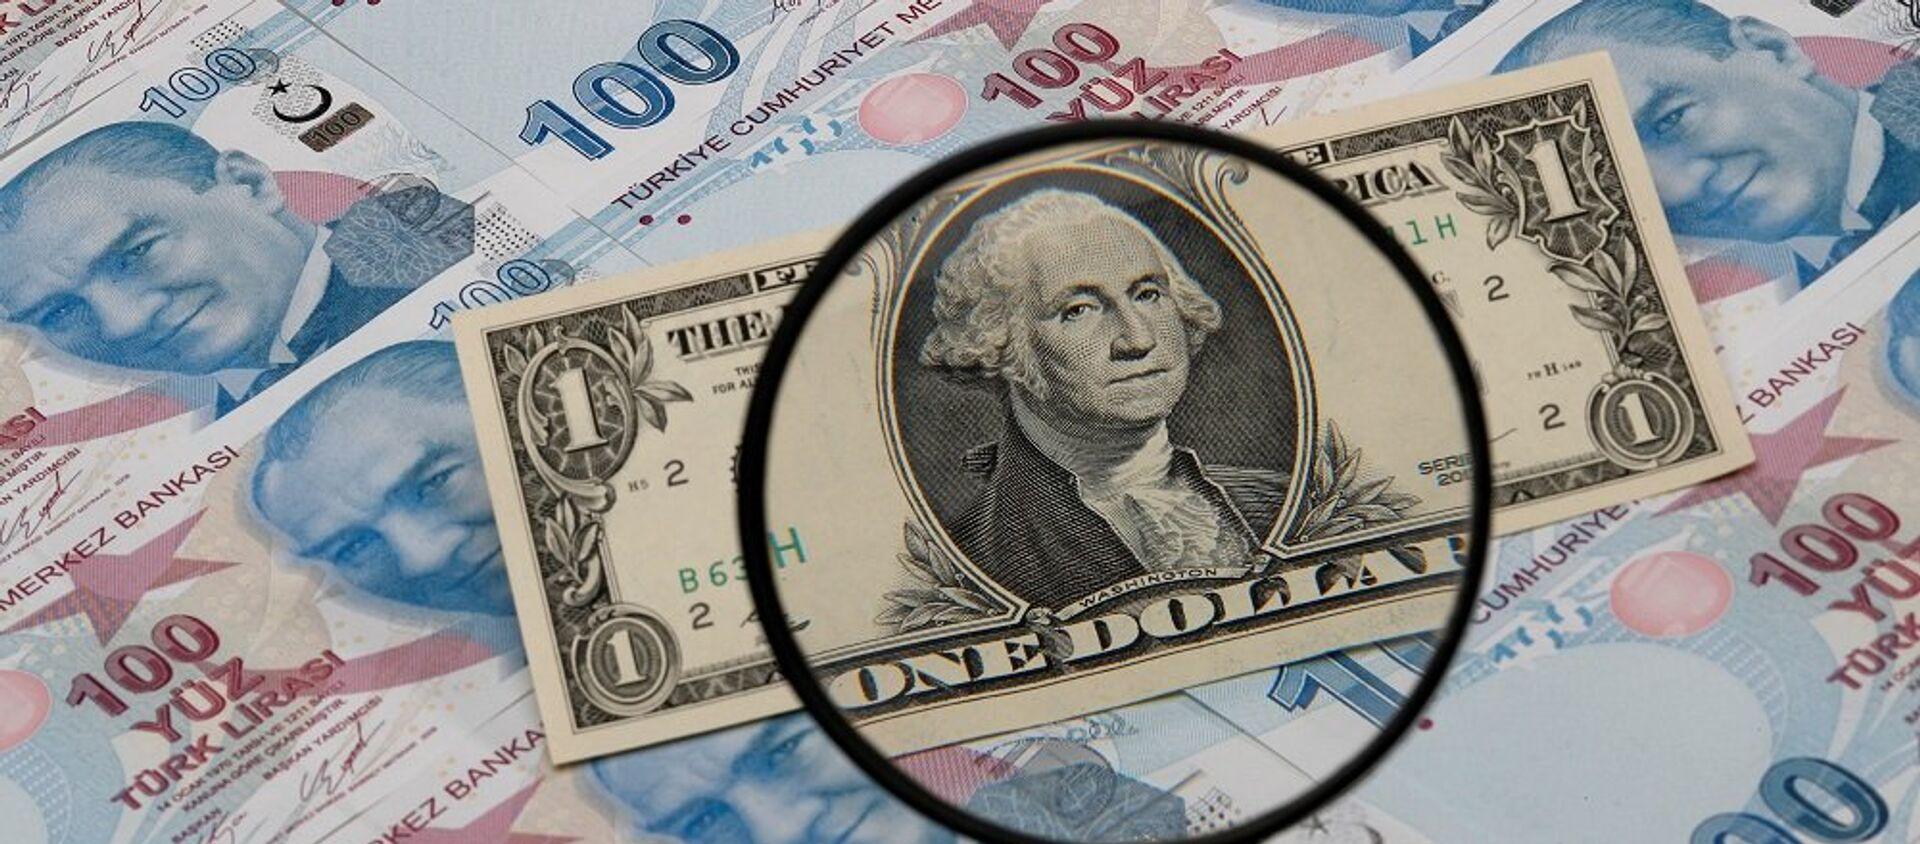 Dolar, Türk Lirası - Sputnik Türkiye, 1920, 26.02.2021